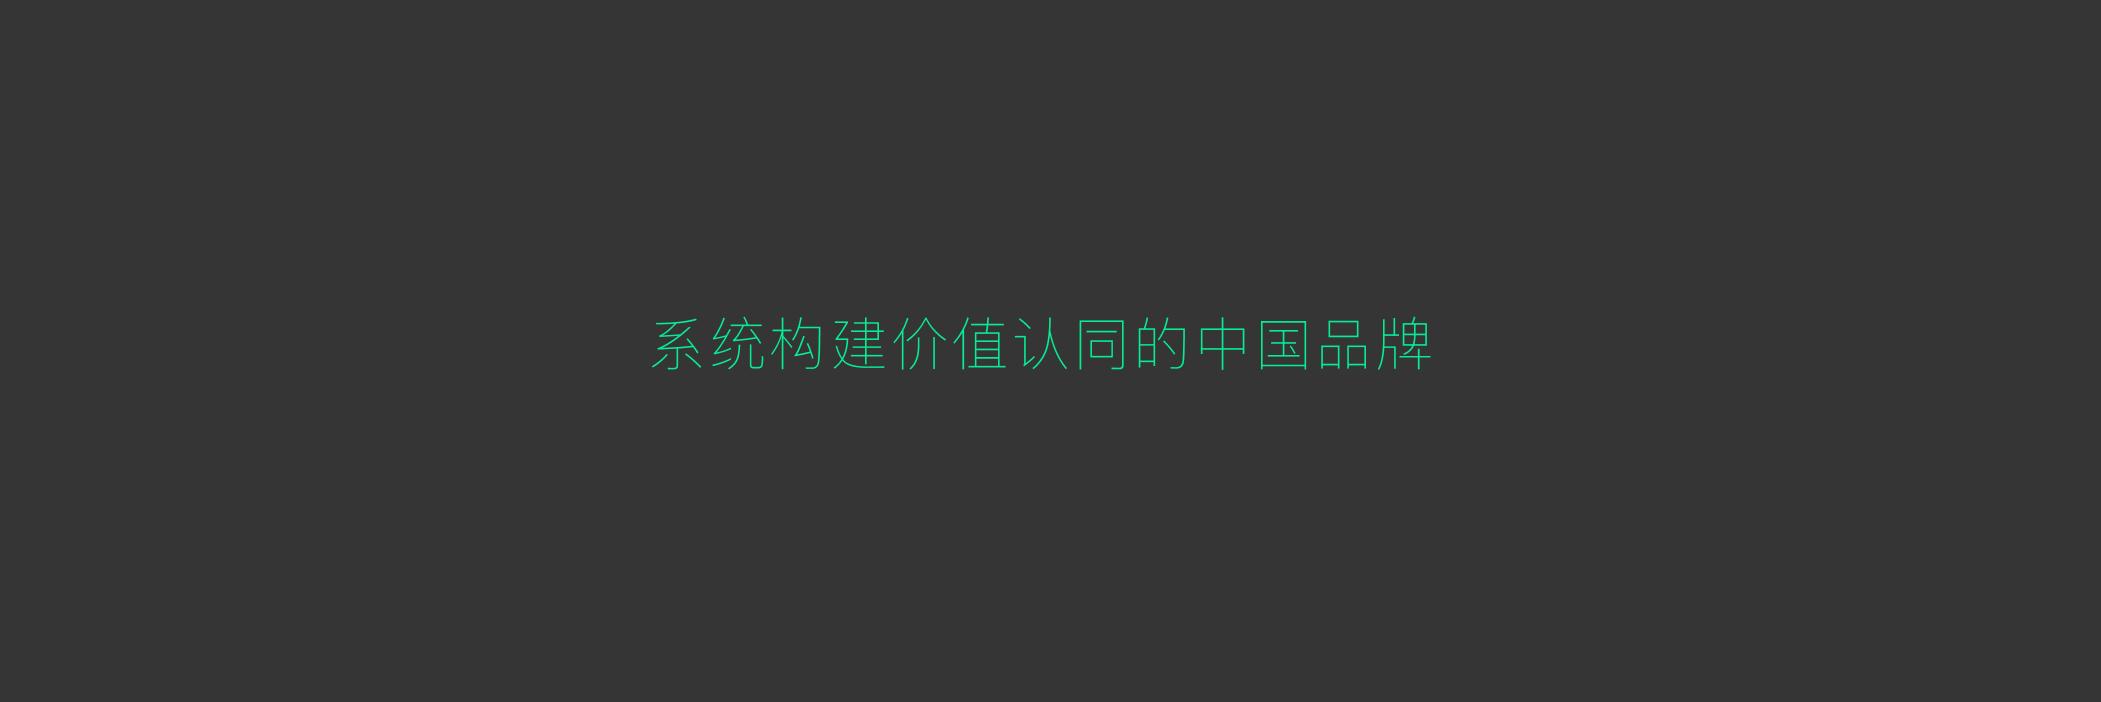 深圳高端众鑫国际 体育众鑫国际 体育平台设计公司-左右格局